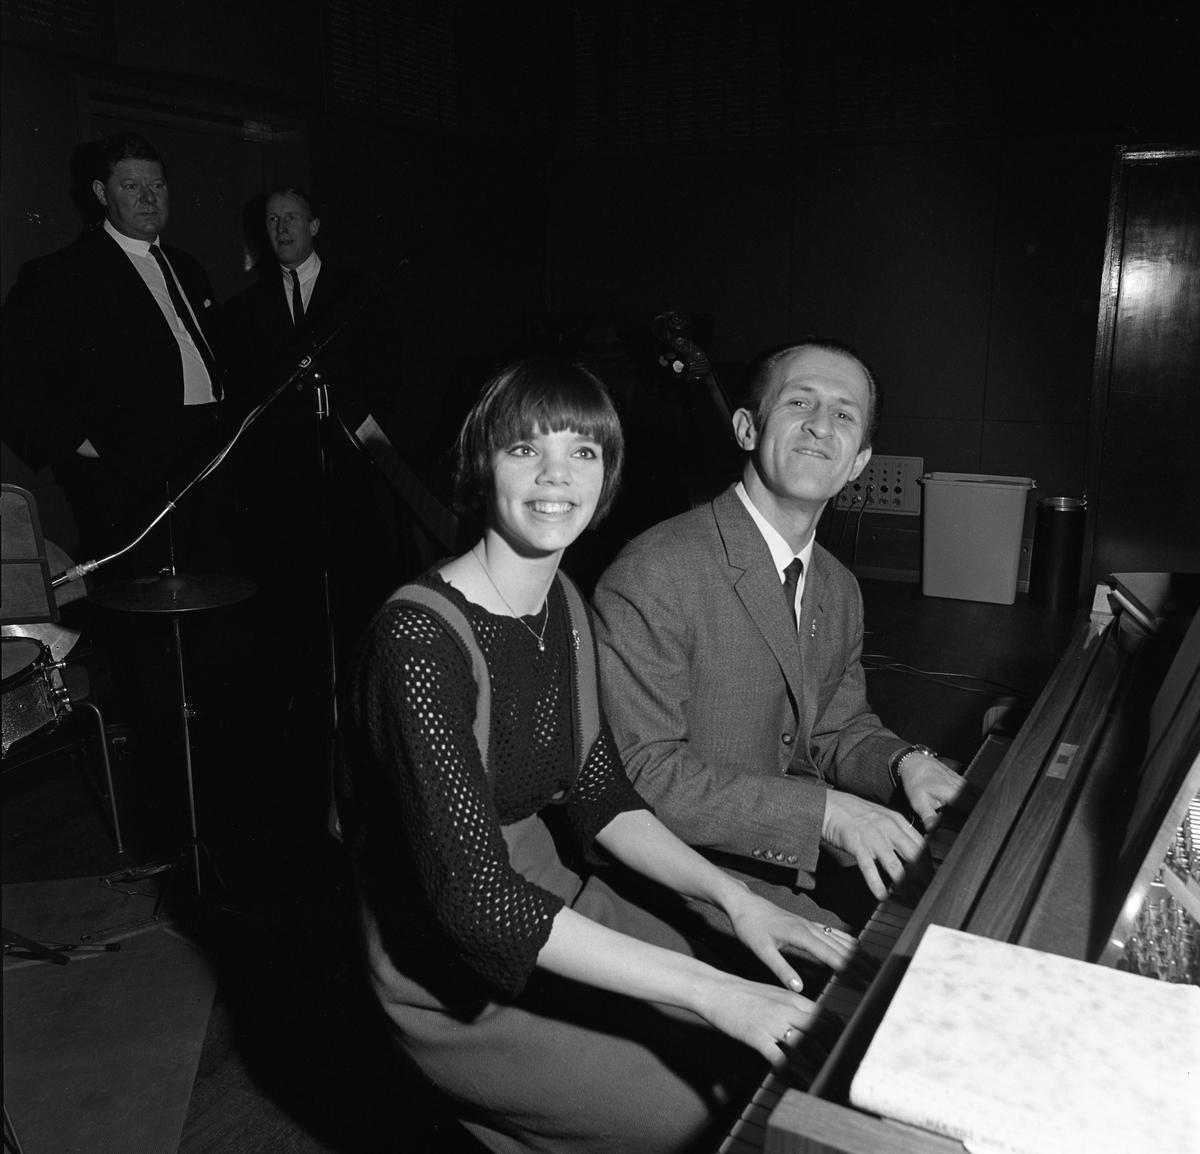 Arbogabor närvarar vid sändningen av Frukostklubben, ett underhållningsprogram som sänds på lördagsmorgnar. En kvinna och en man spelar fyrhändigt på pianot.